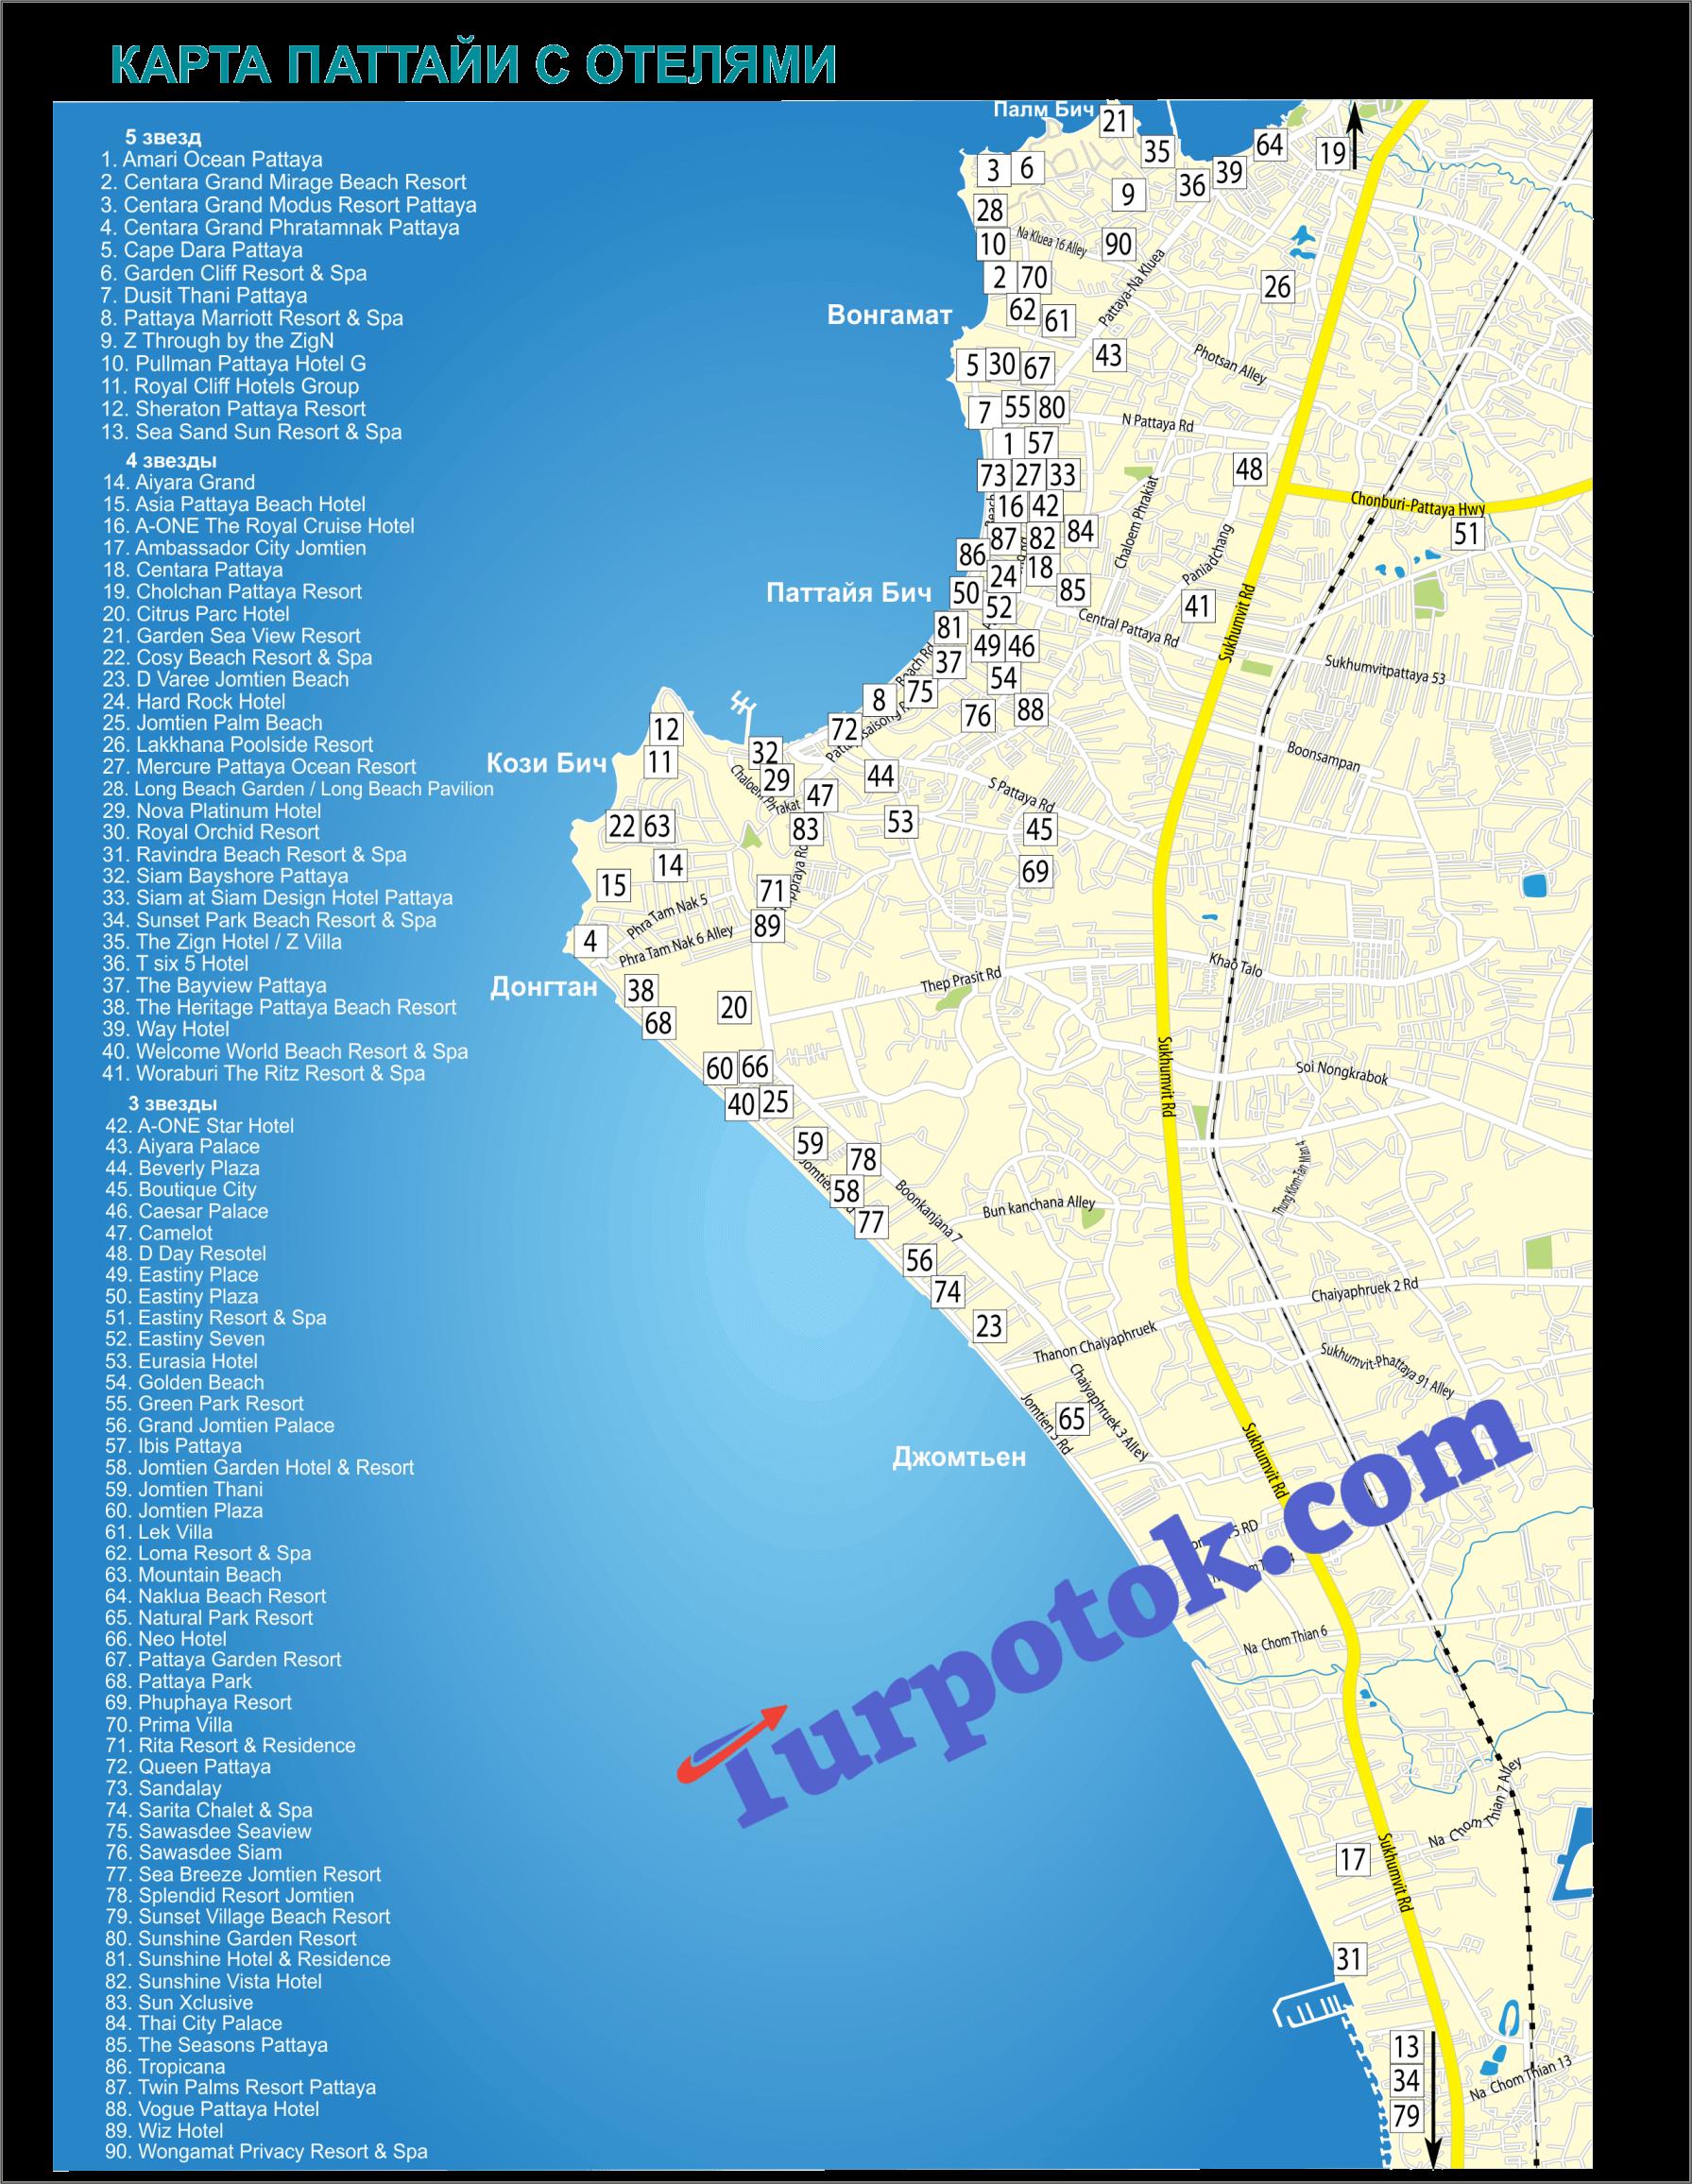 Карта города Паттайя на русском языке с отелями и пляжами